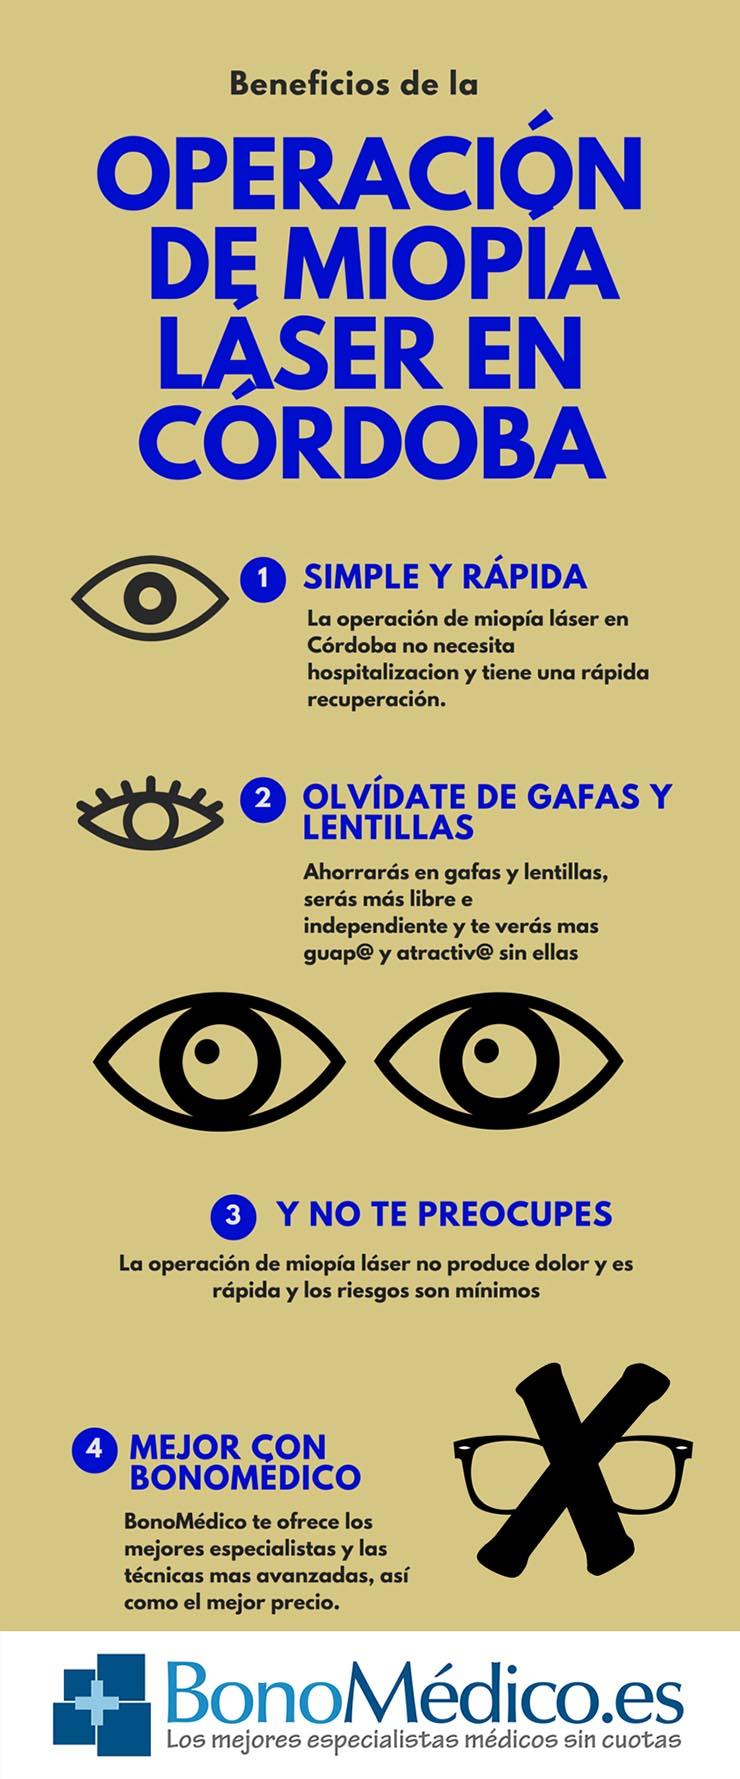 Ventajas de la operación de miopía en Córdoba (clic para ampliar)